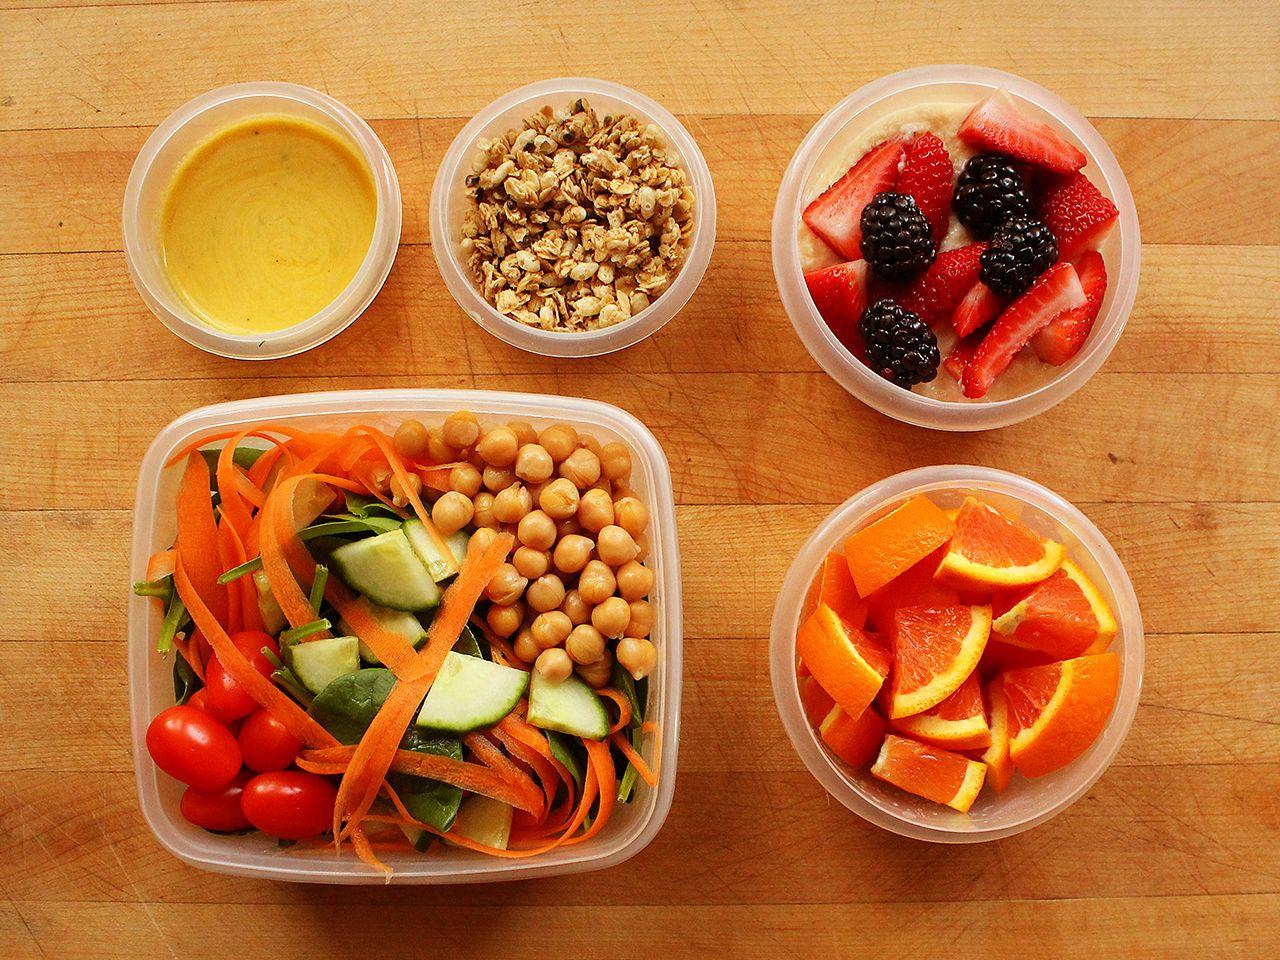 Питания Для Похудения Правильного. Как правильно питаться, чтобы похудеть?